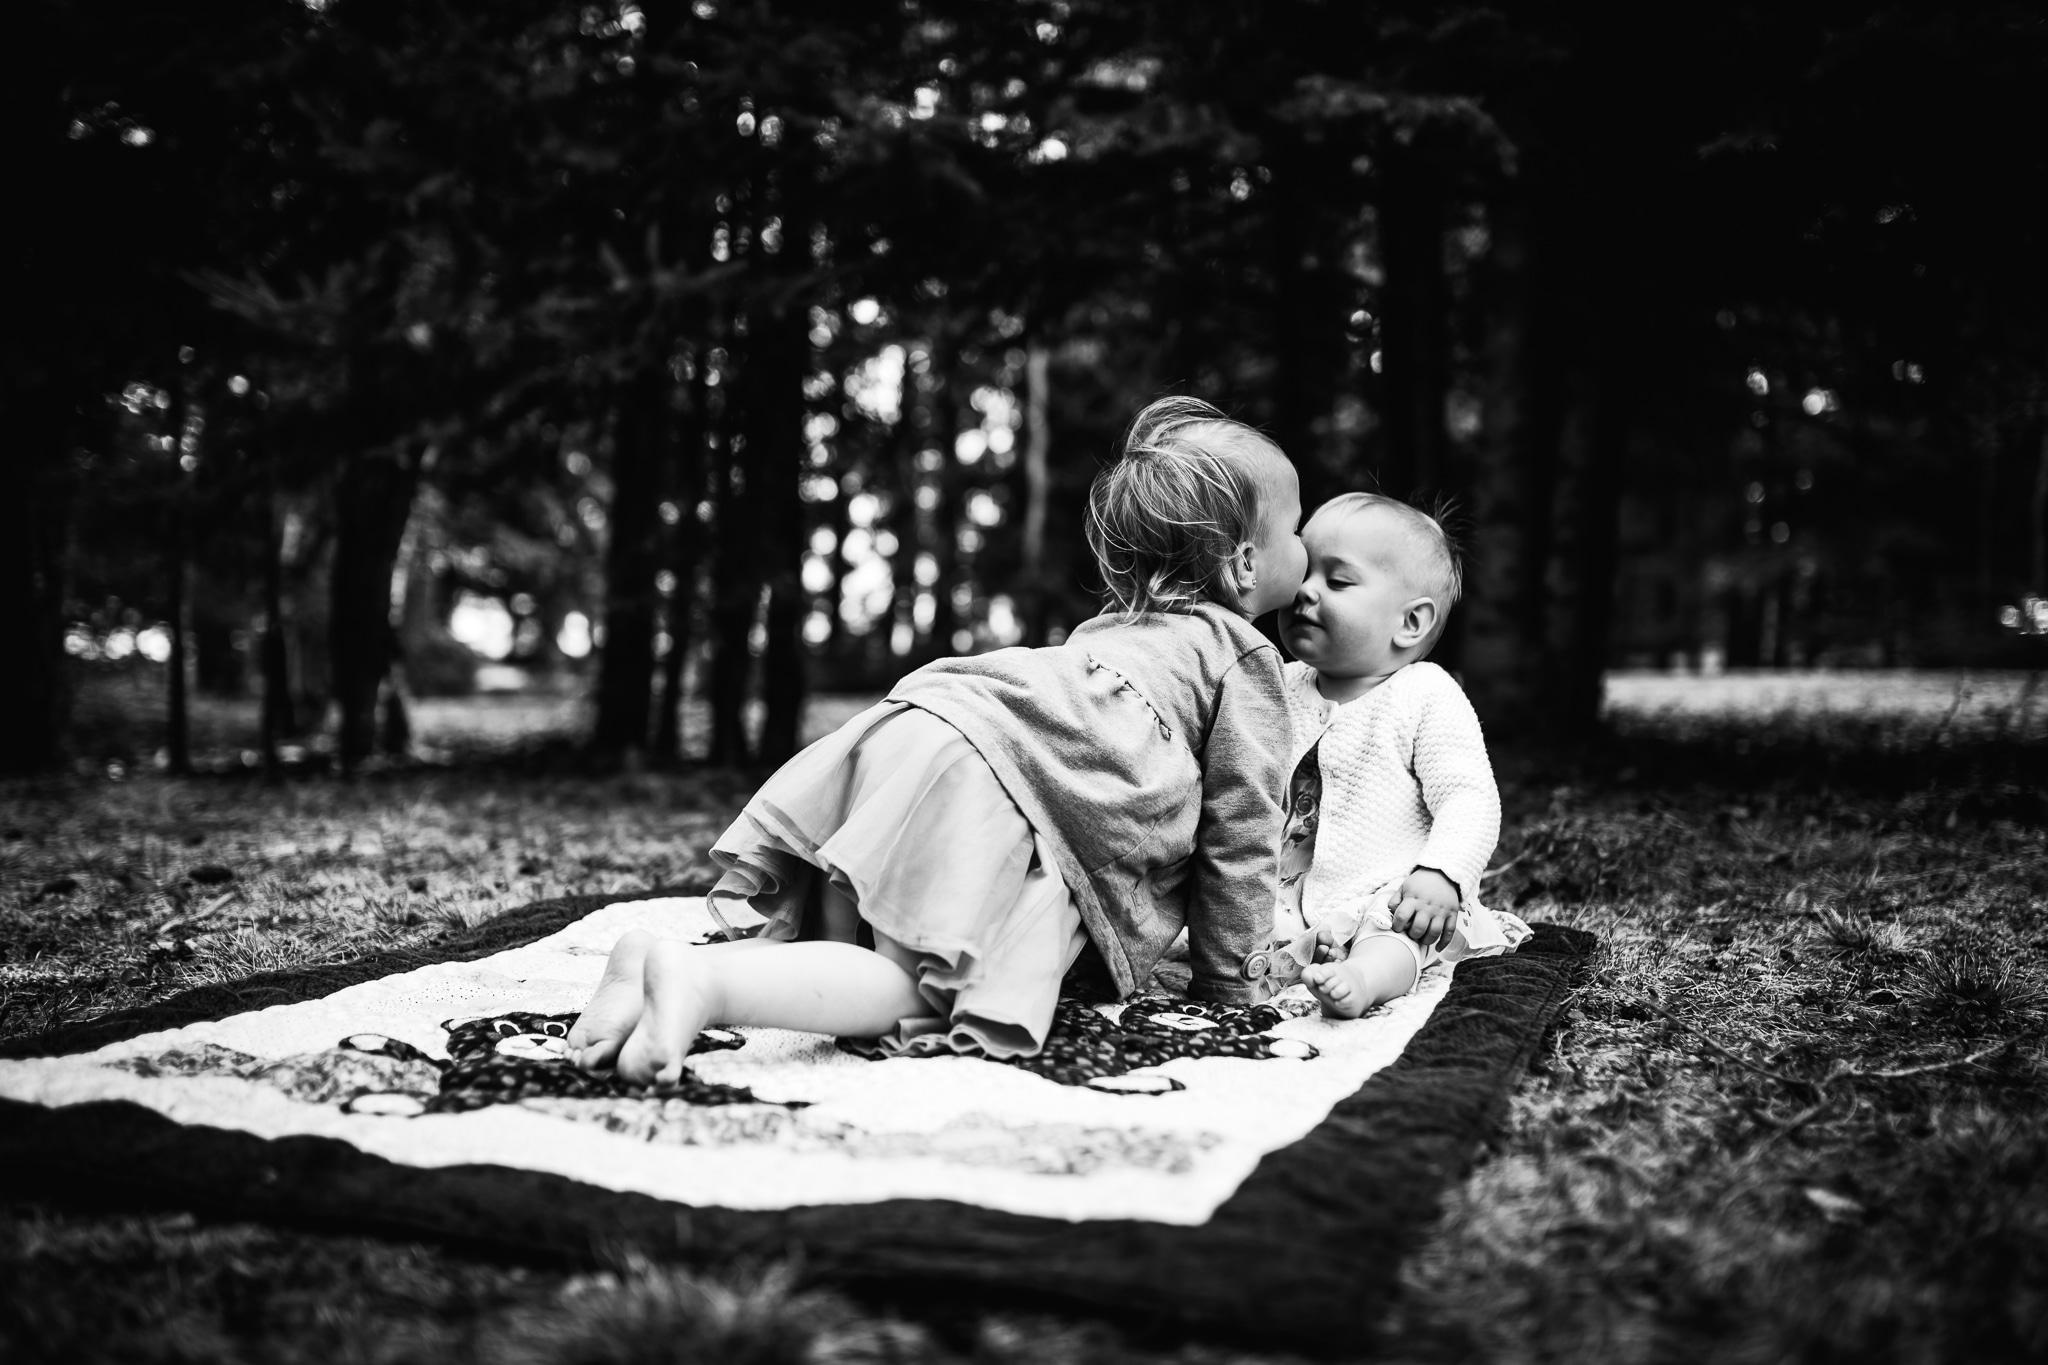 Alina-Joy-Photography-Cold-Lake-Lifestyle-Photographer-27.jpg